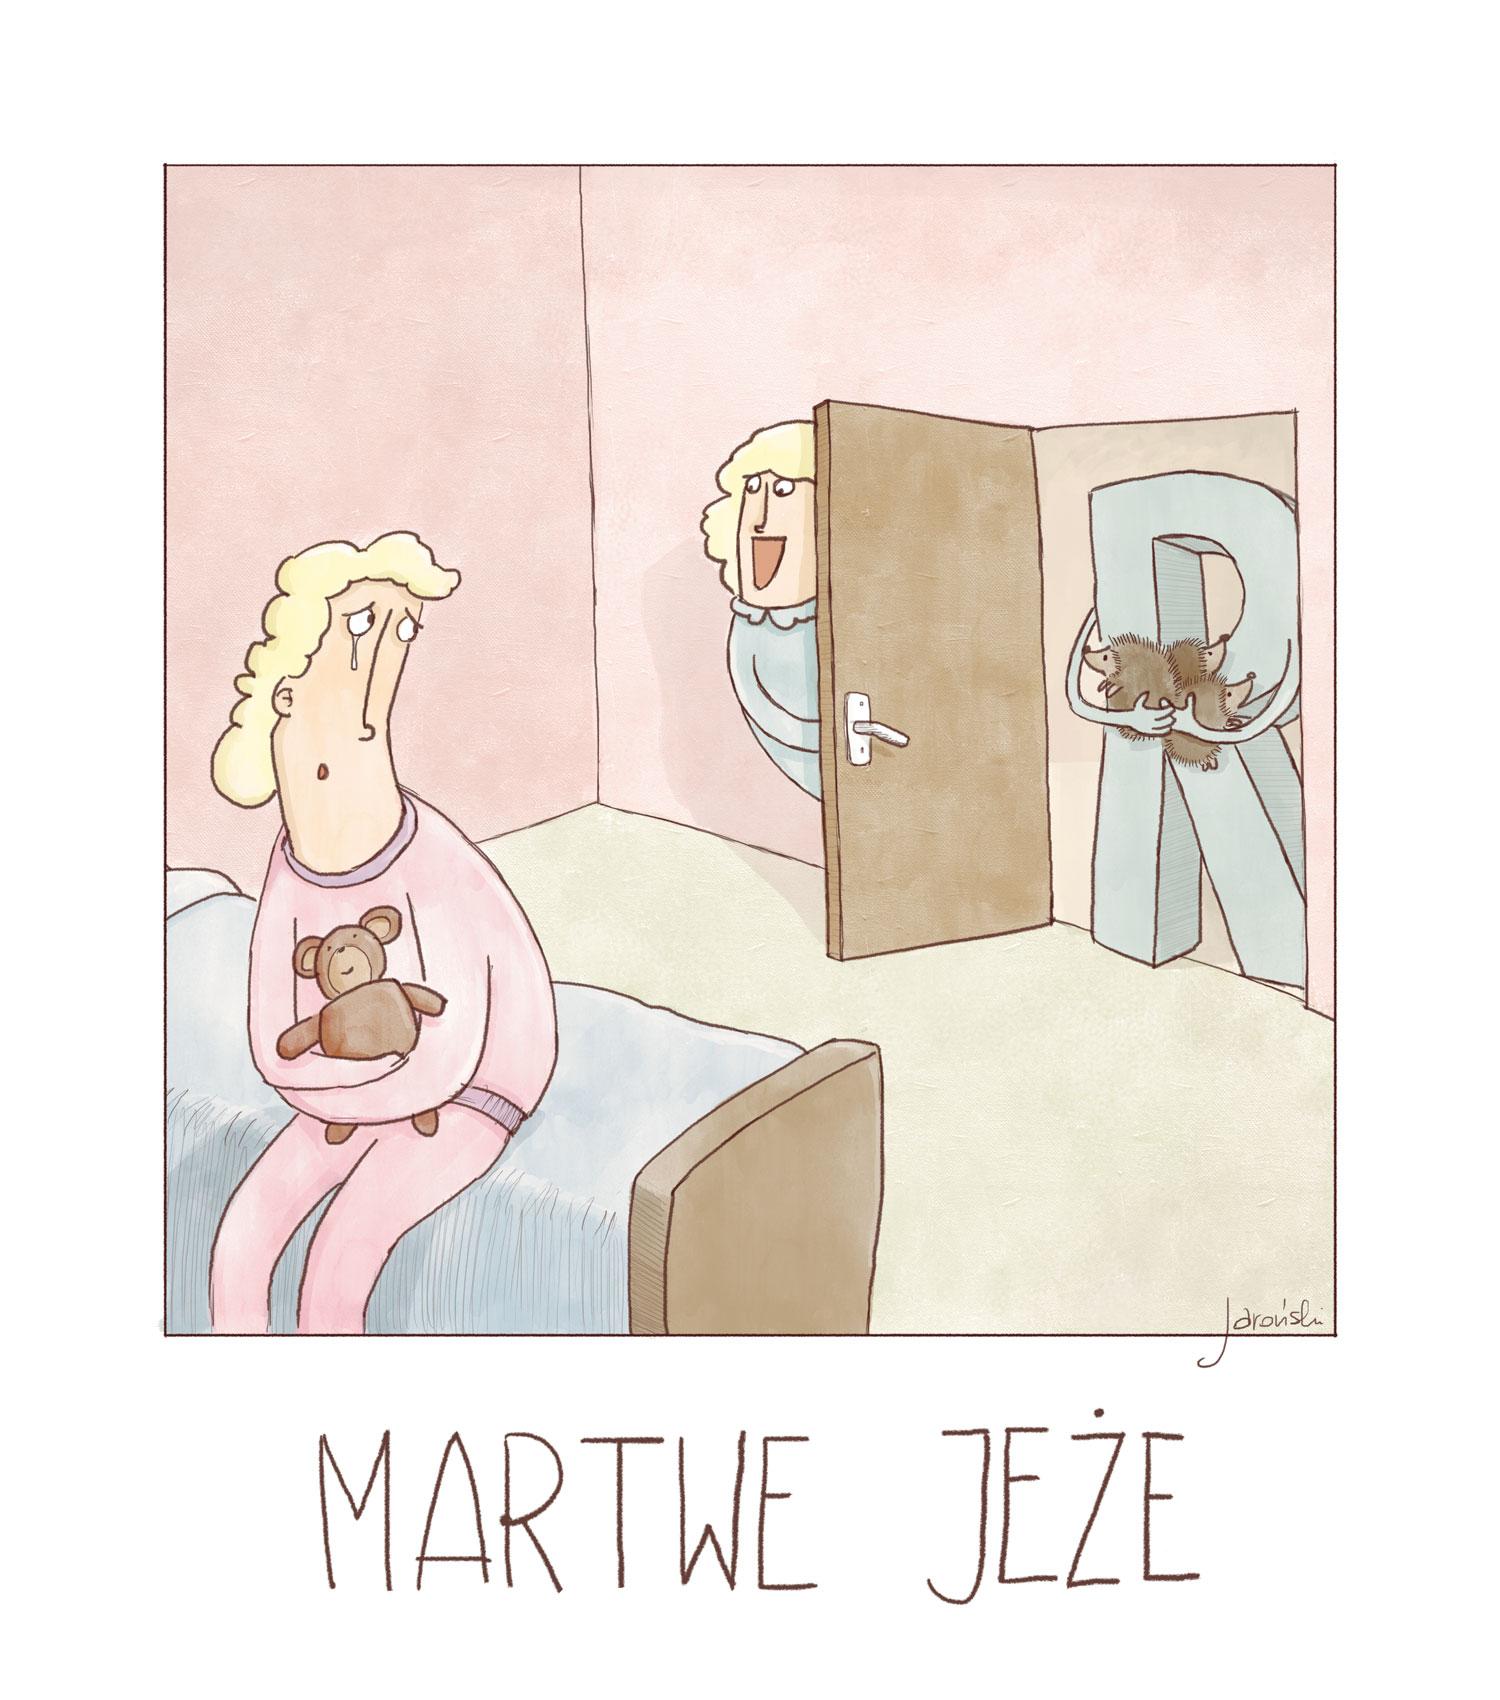 Jaroński rysownik - martwe jeże